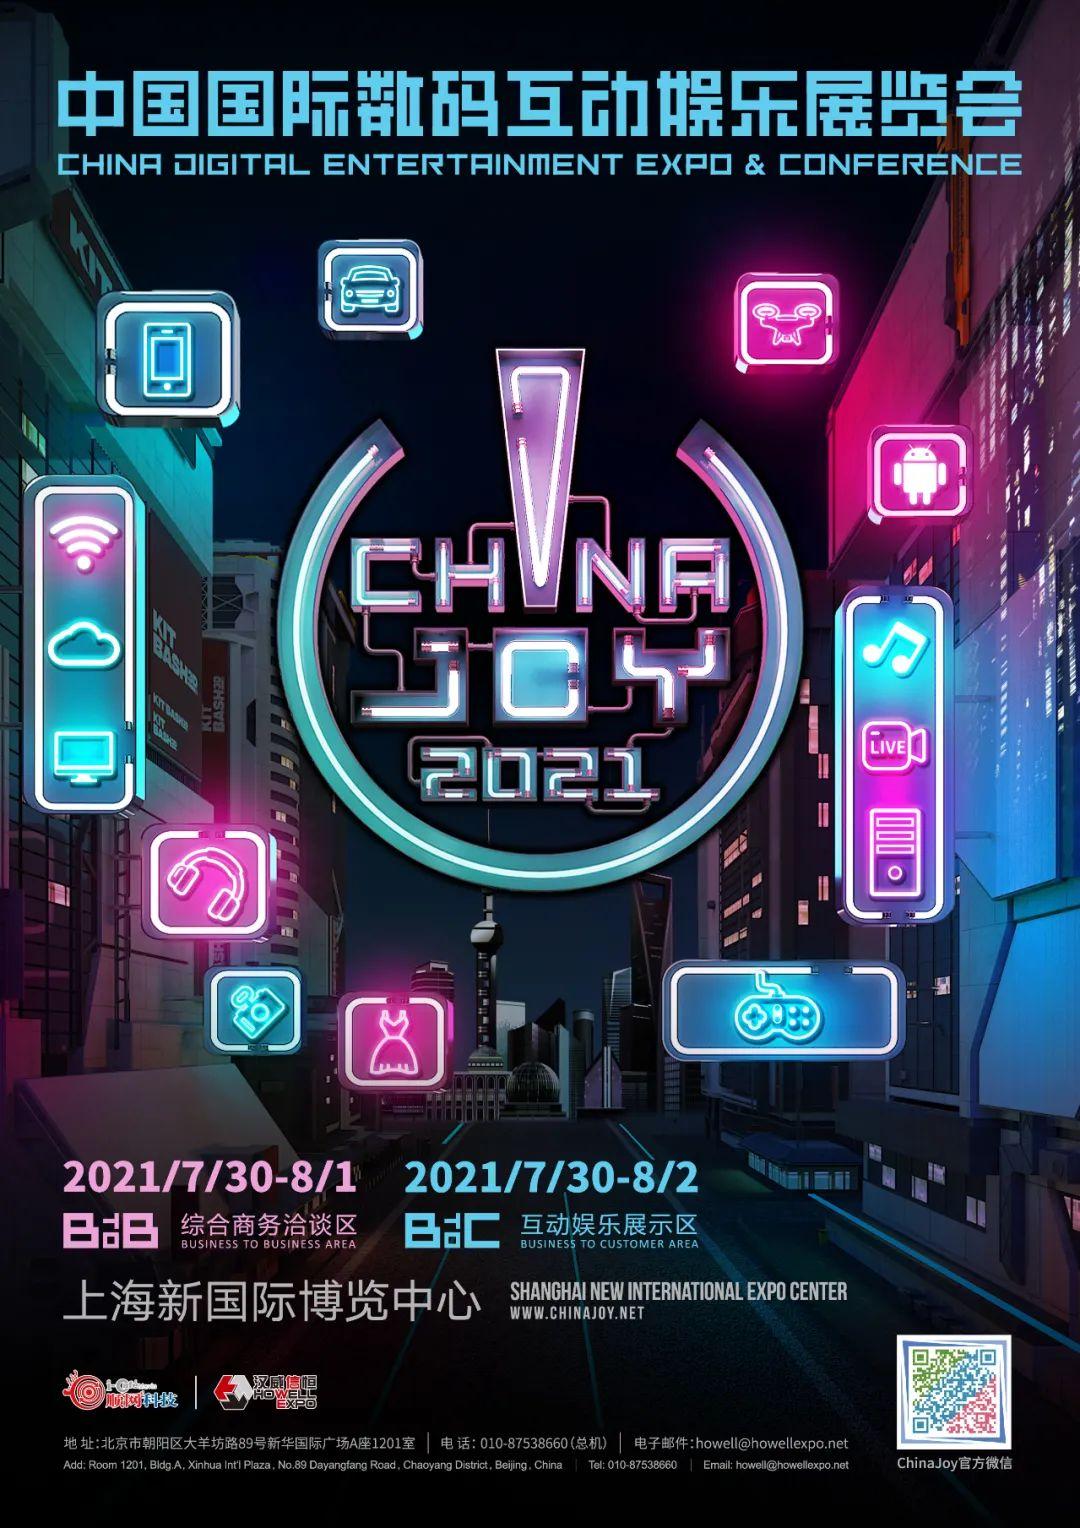 云舶科技将在2021ChinaJoyBTOB展区惊艳亮相